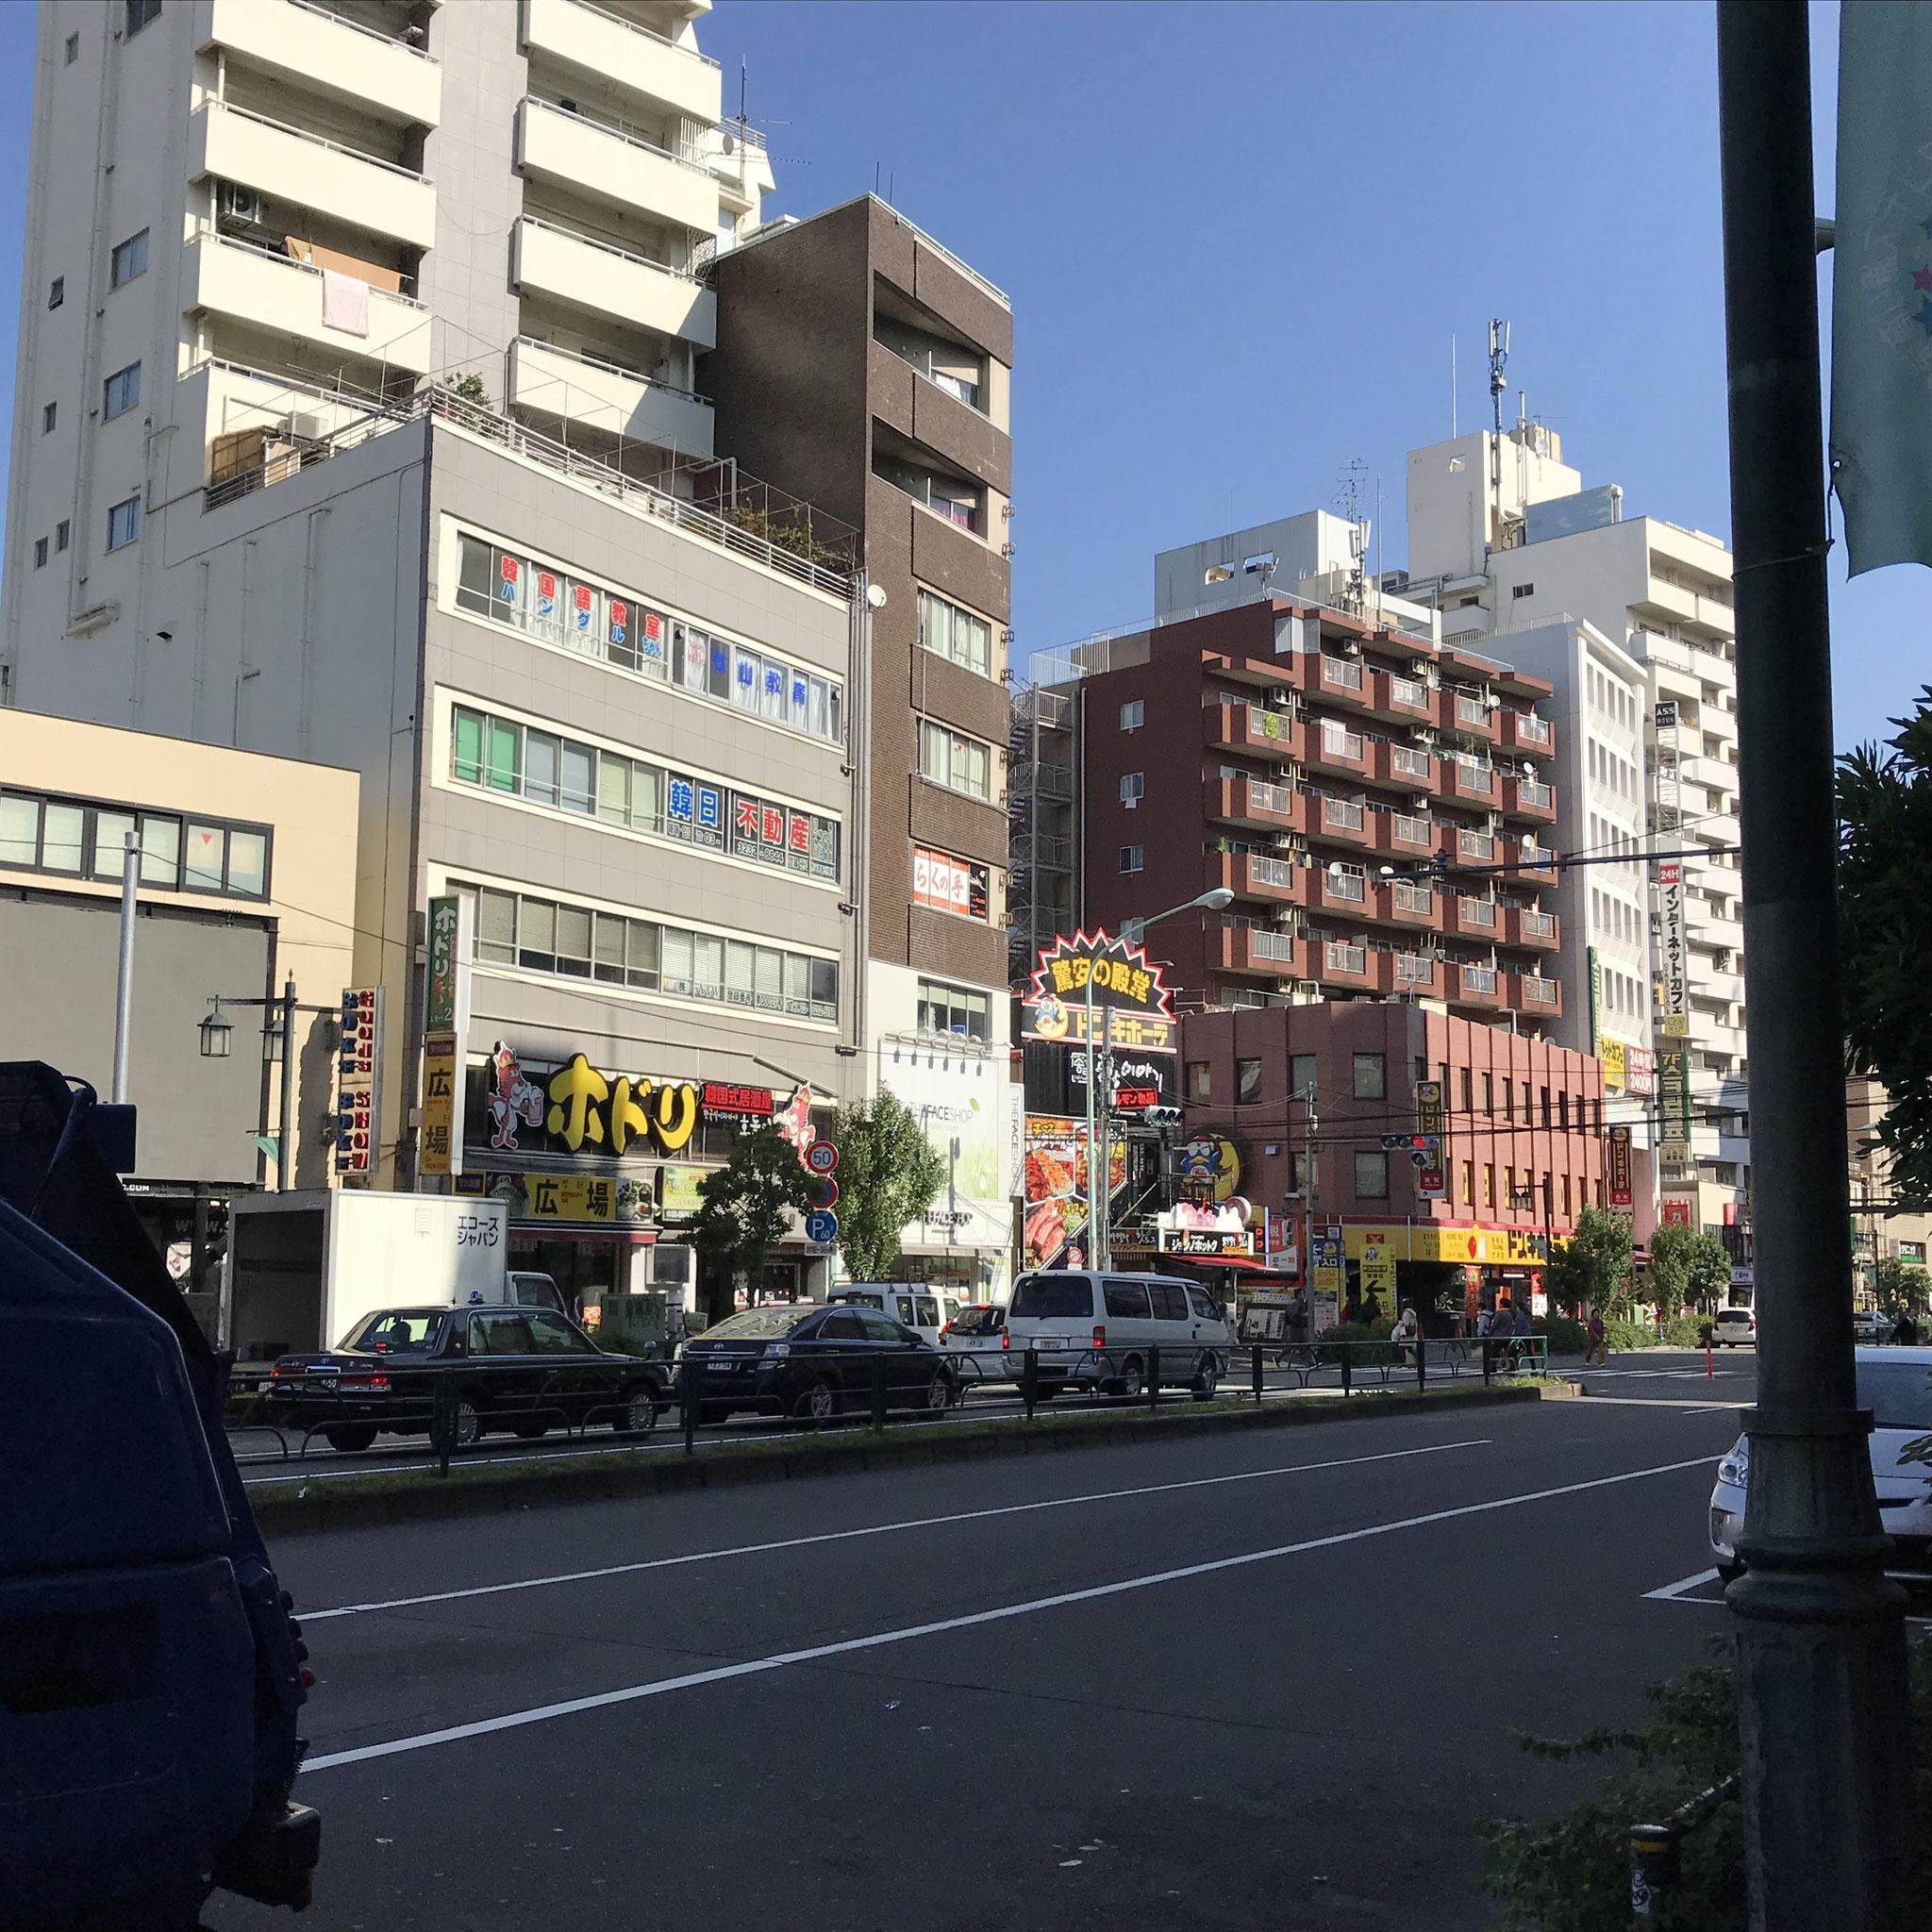 その先には地下鉄の「東新宿」駅もあり、交通アクセスが良い立地です